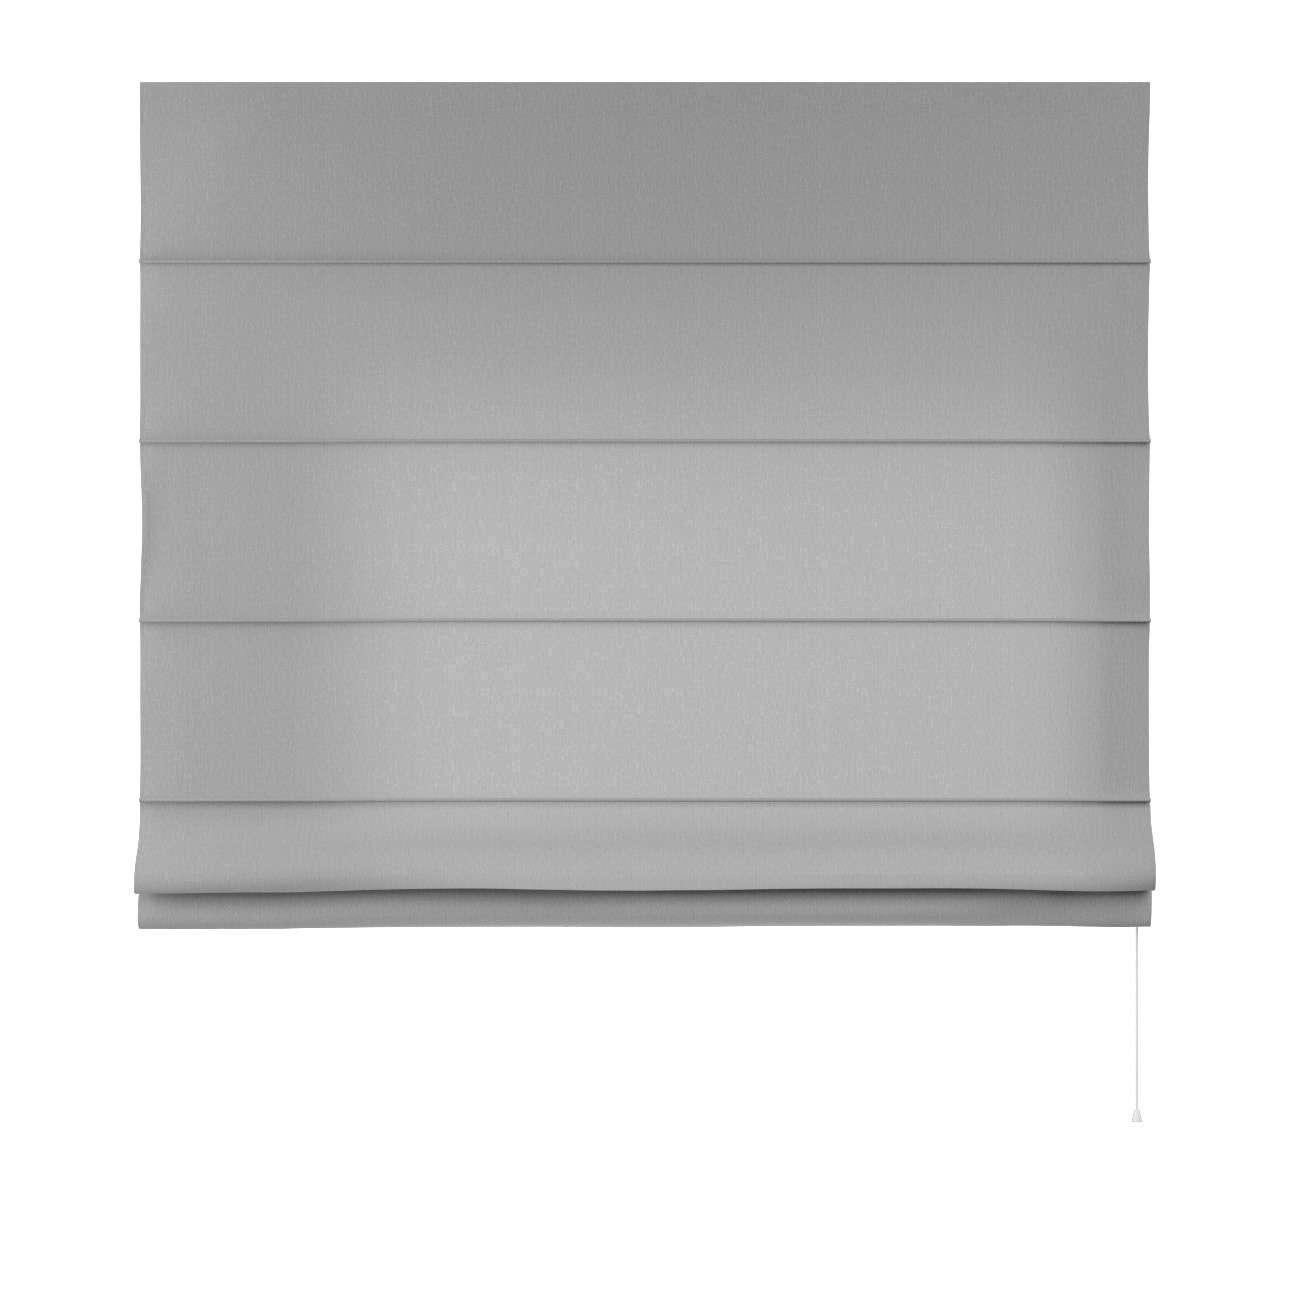 Foldegardin Capri<br/>Uden flæsekant 80 x 170 cm fra kollektionen Chenille, Stof: 702-23